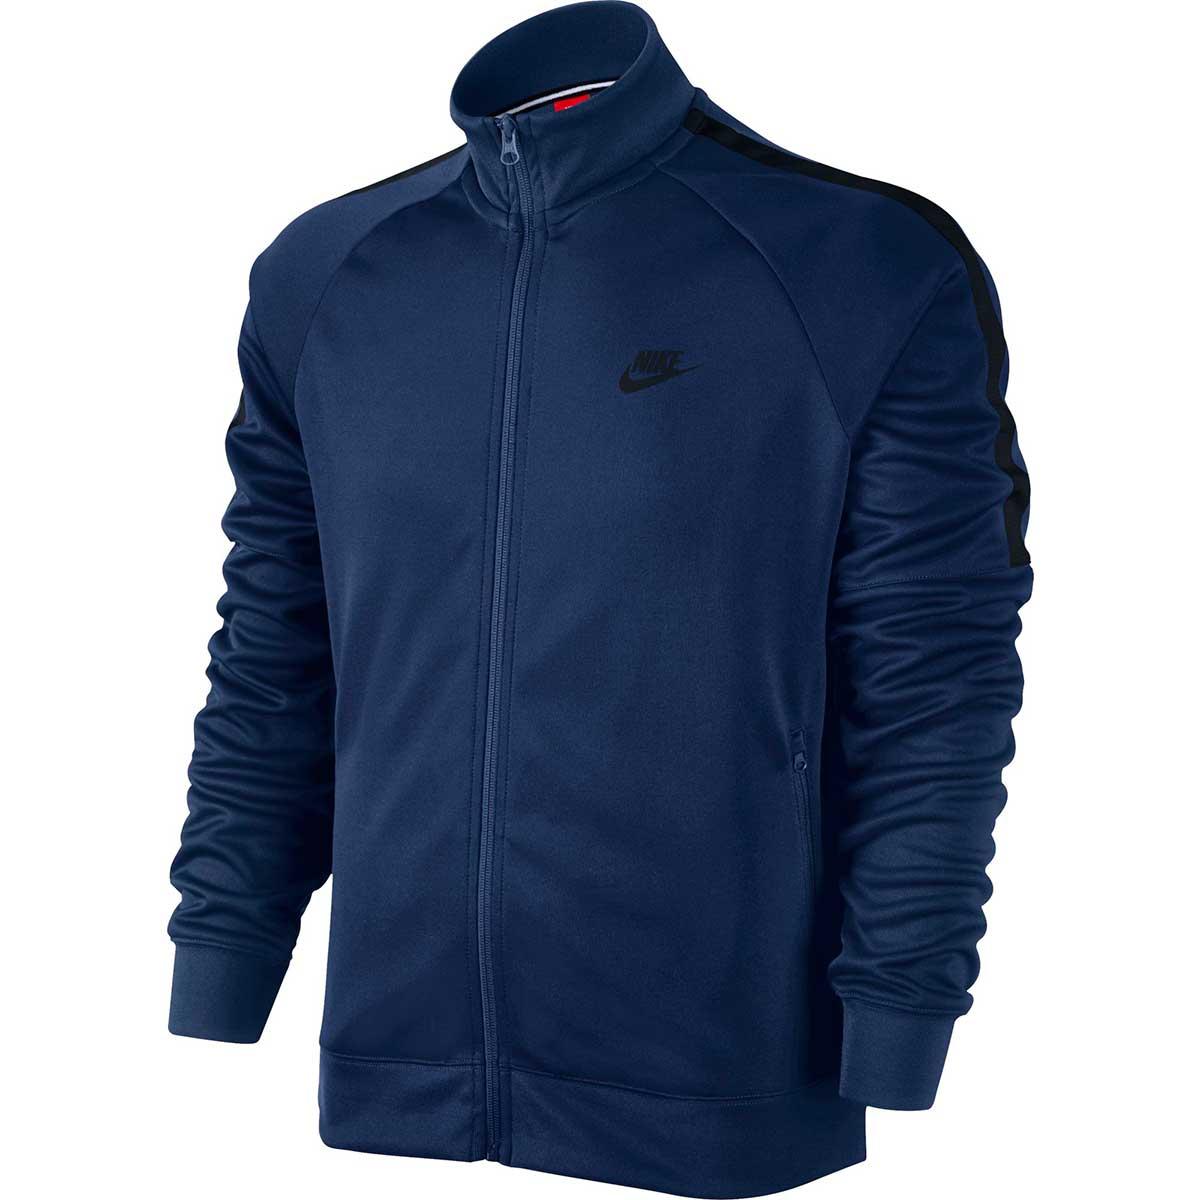 nike jackets cheap india